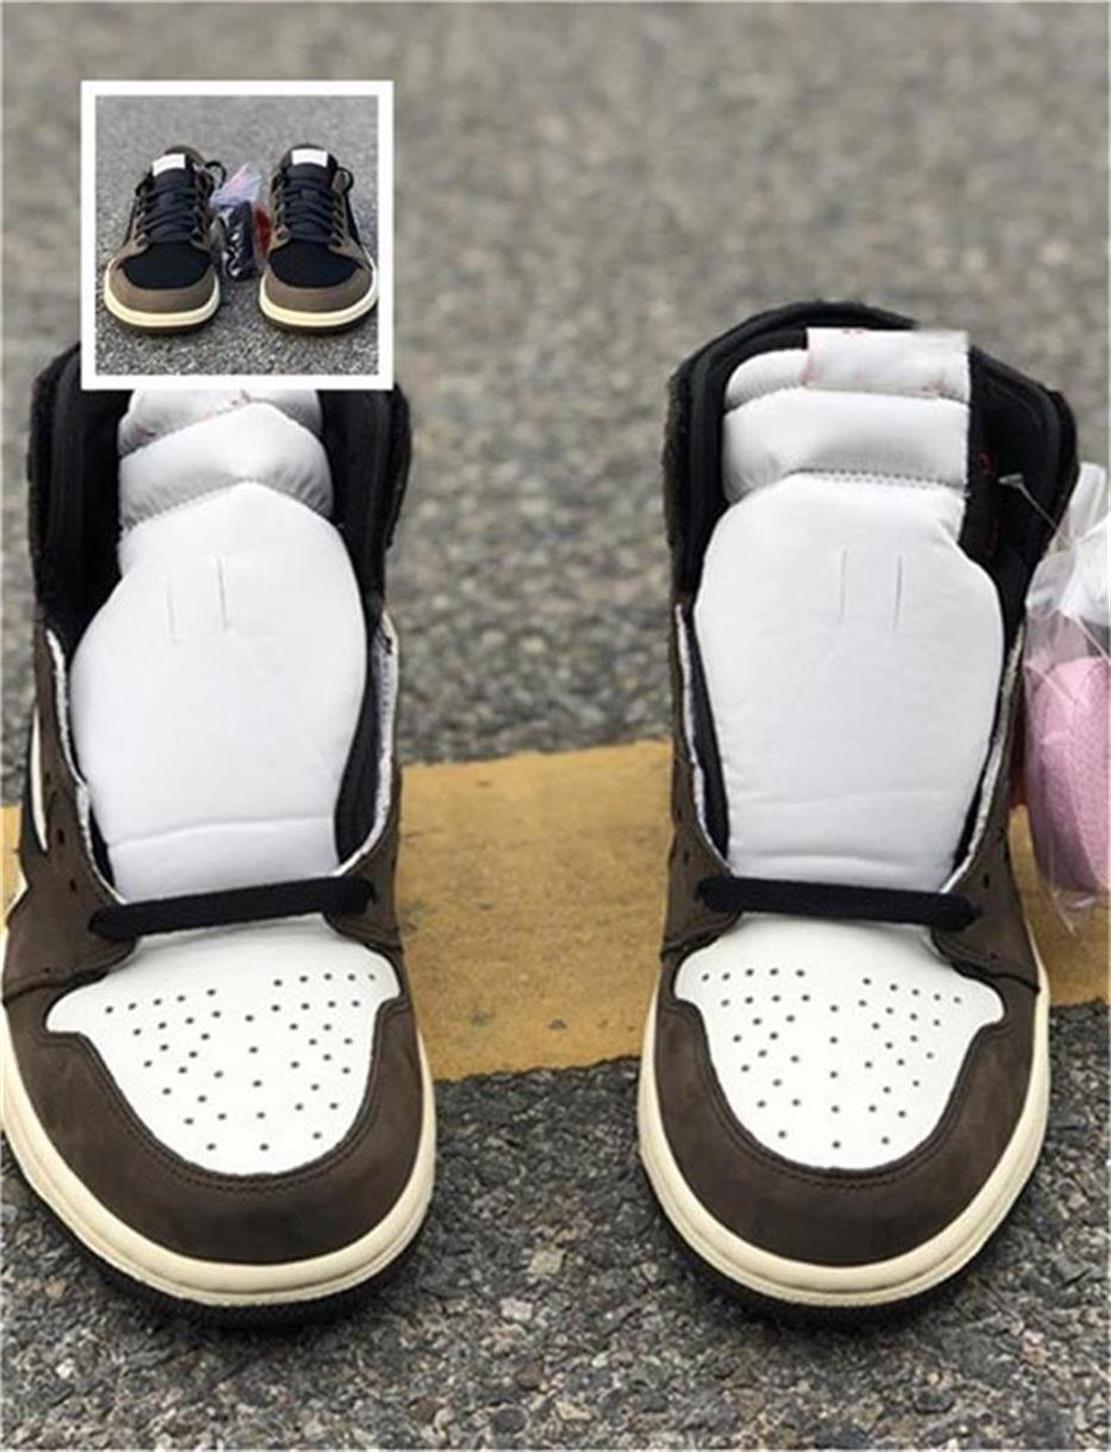 Con caja Travis High y Low OG TS SP 1 Casual Jack Suede Sail Black Dark Mocha University 1 Zapatos conjuntos de punta